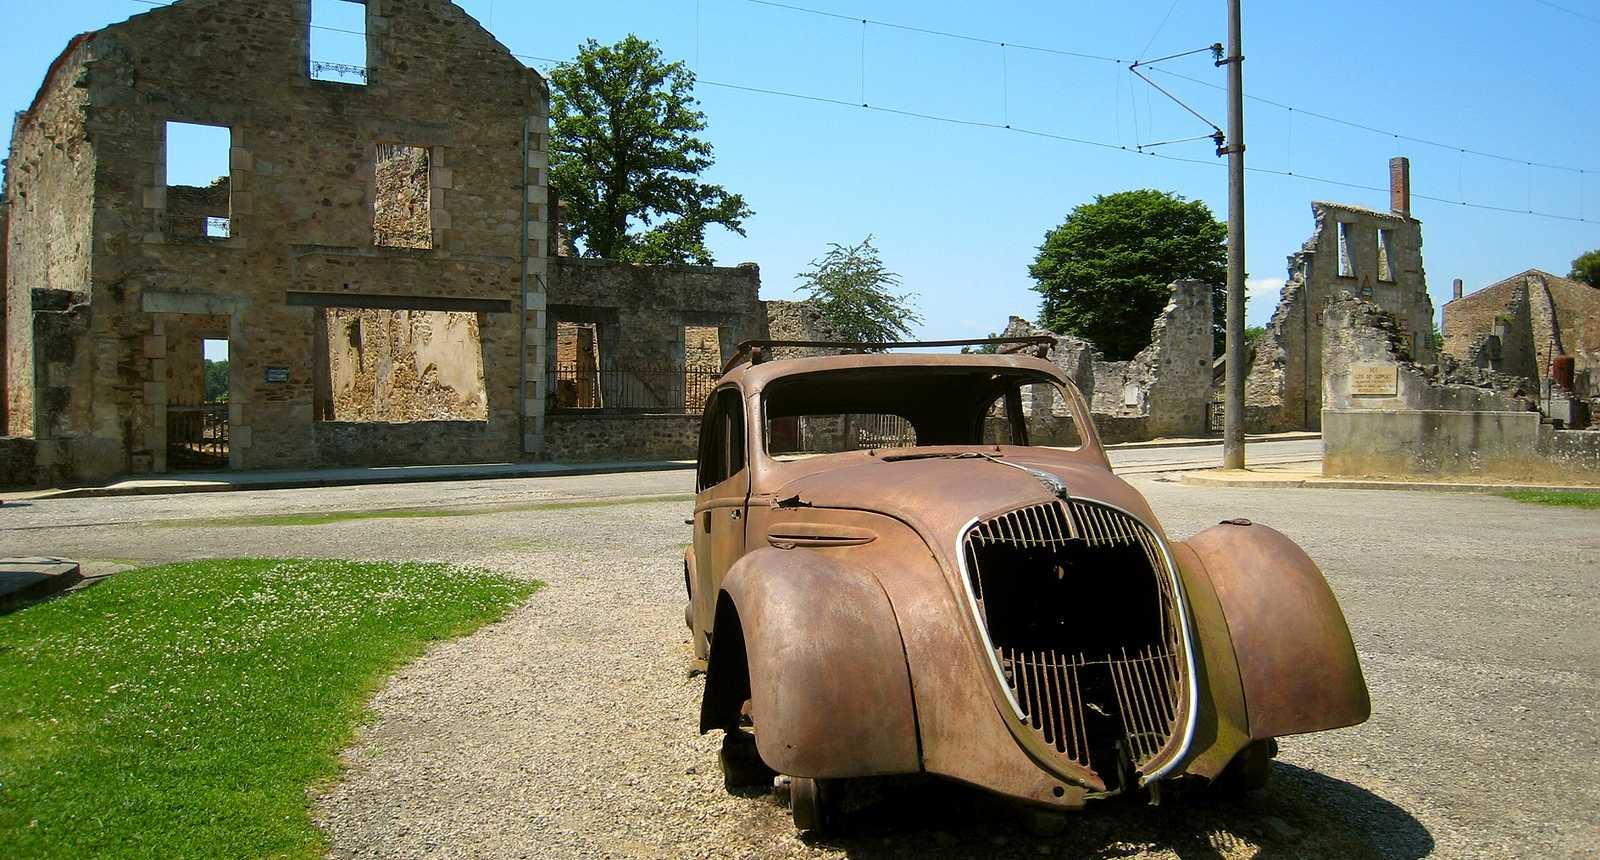 Les ruines d'Oradour-sur-Glane